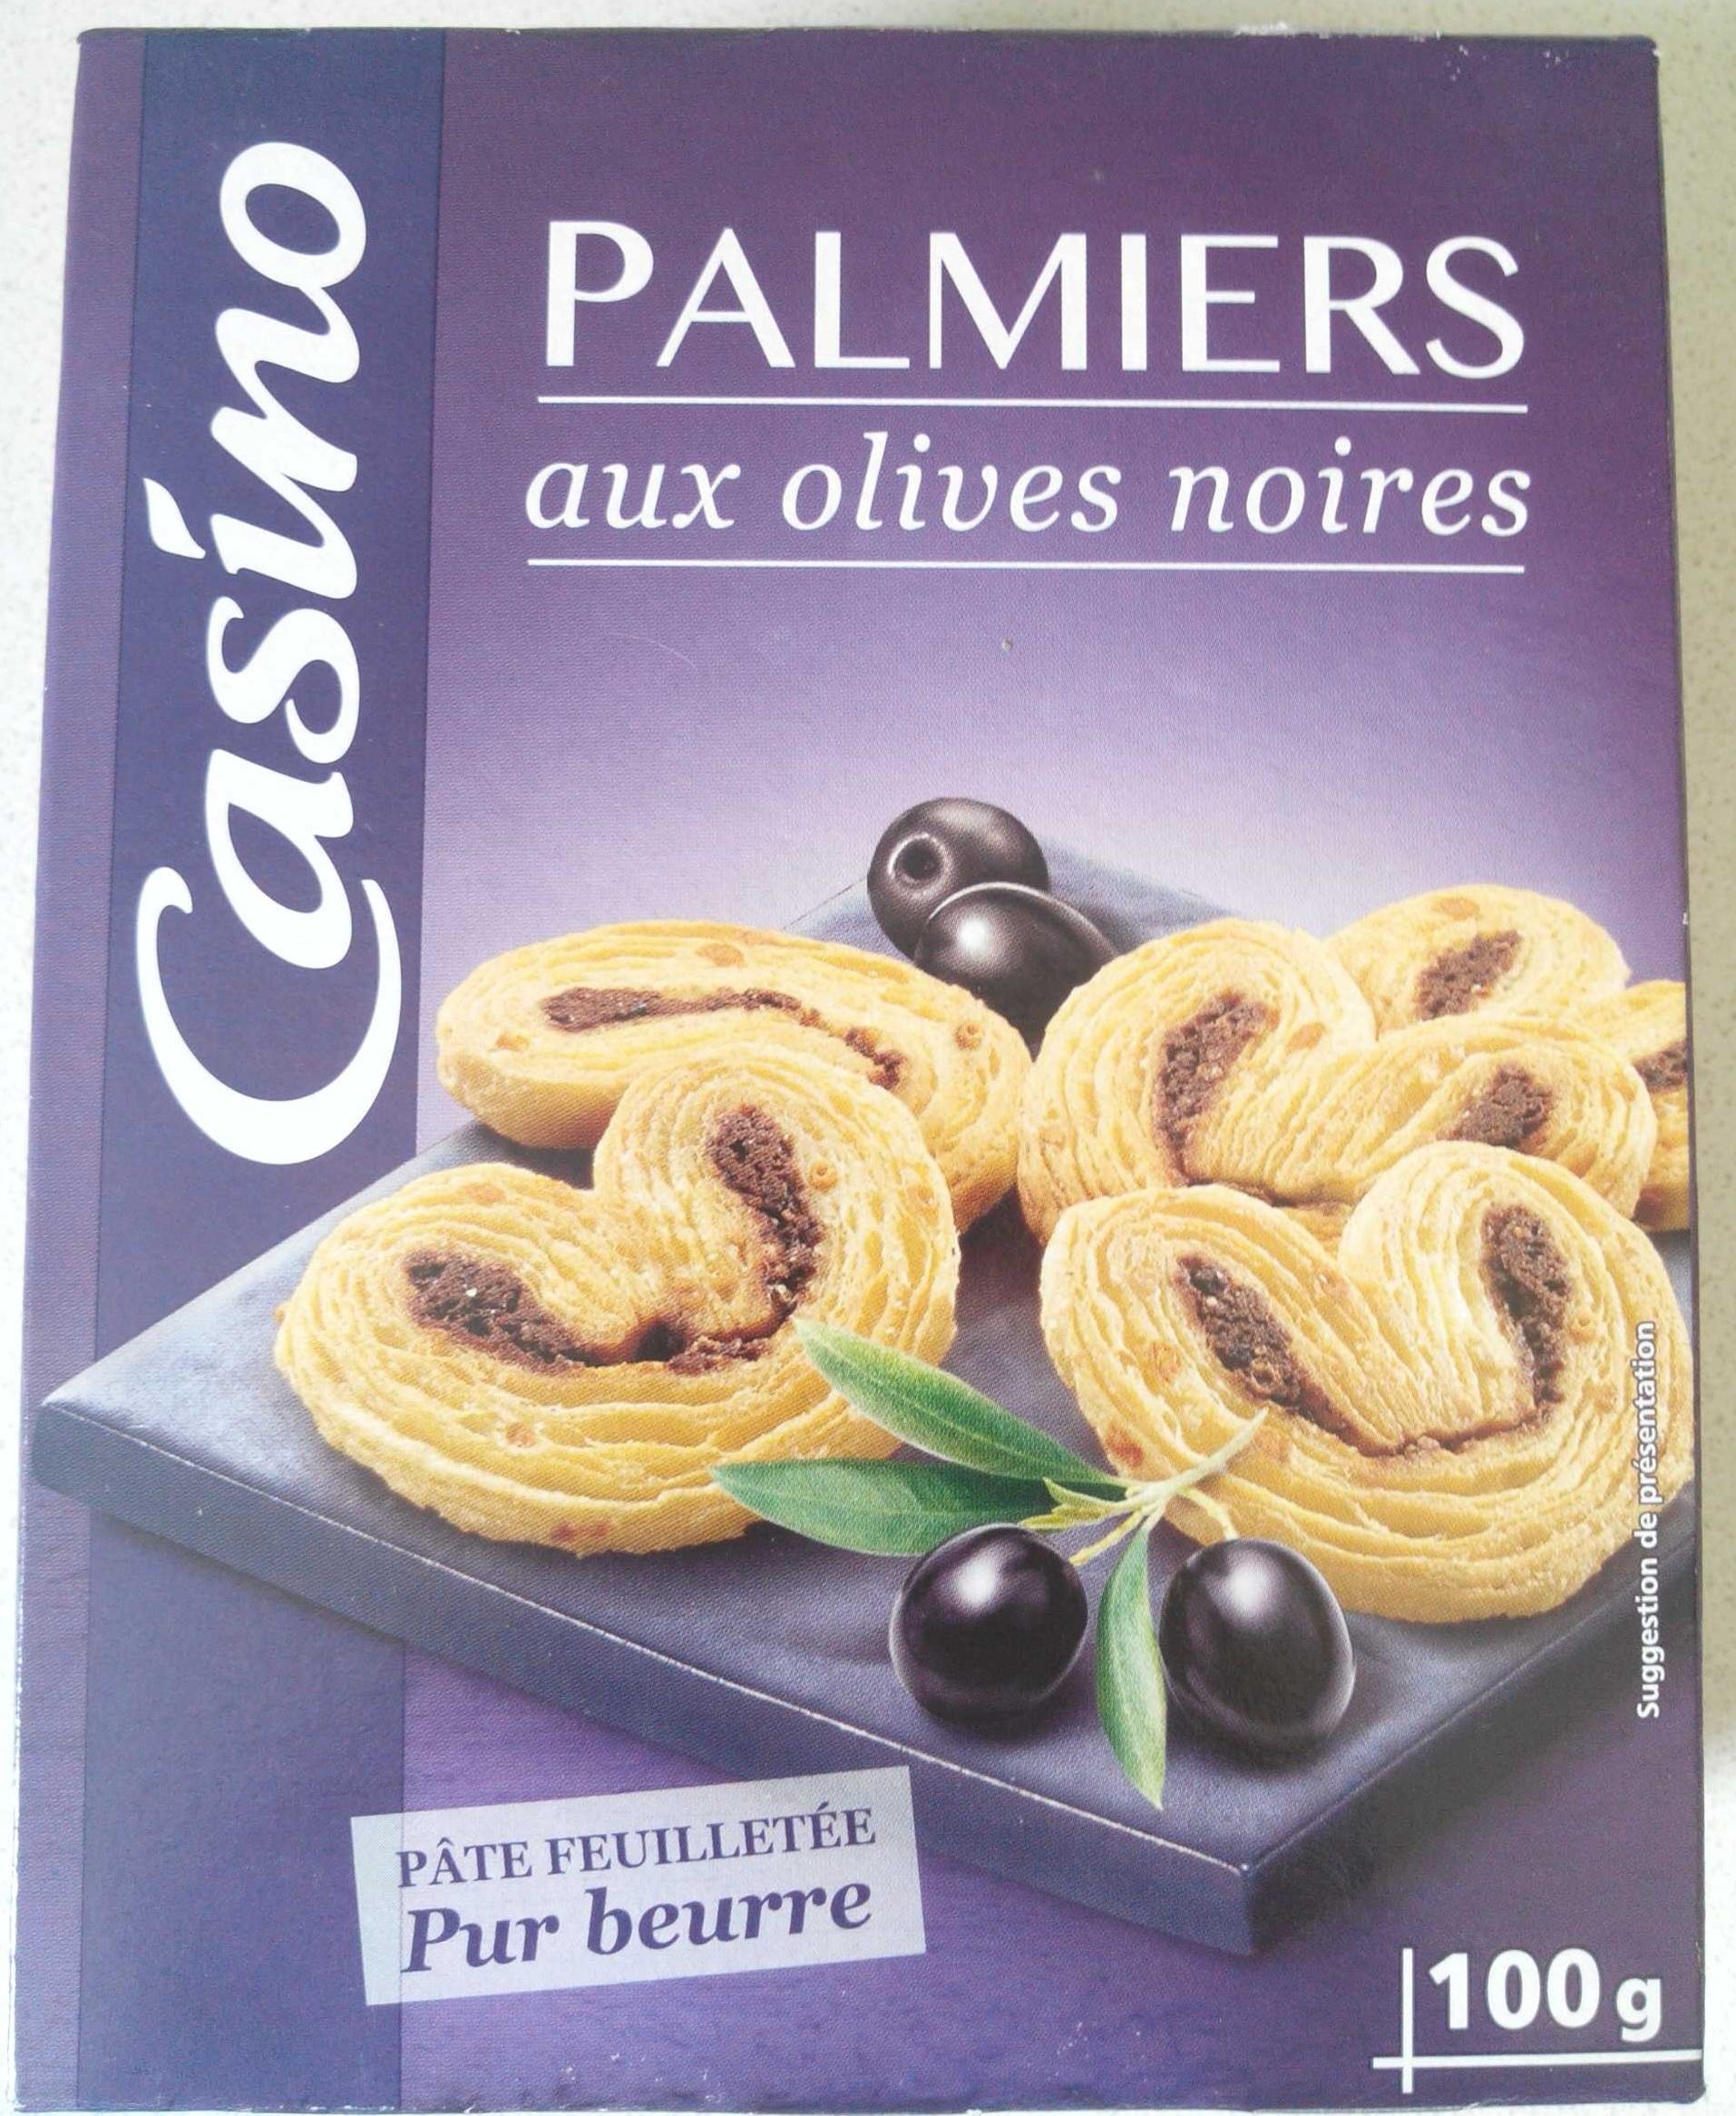 Palmiers aux olives noires - Product